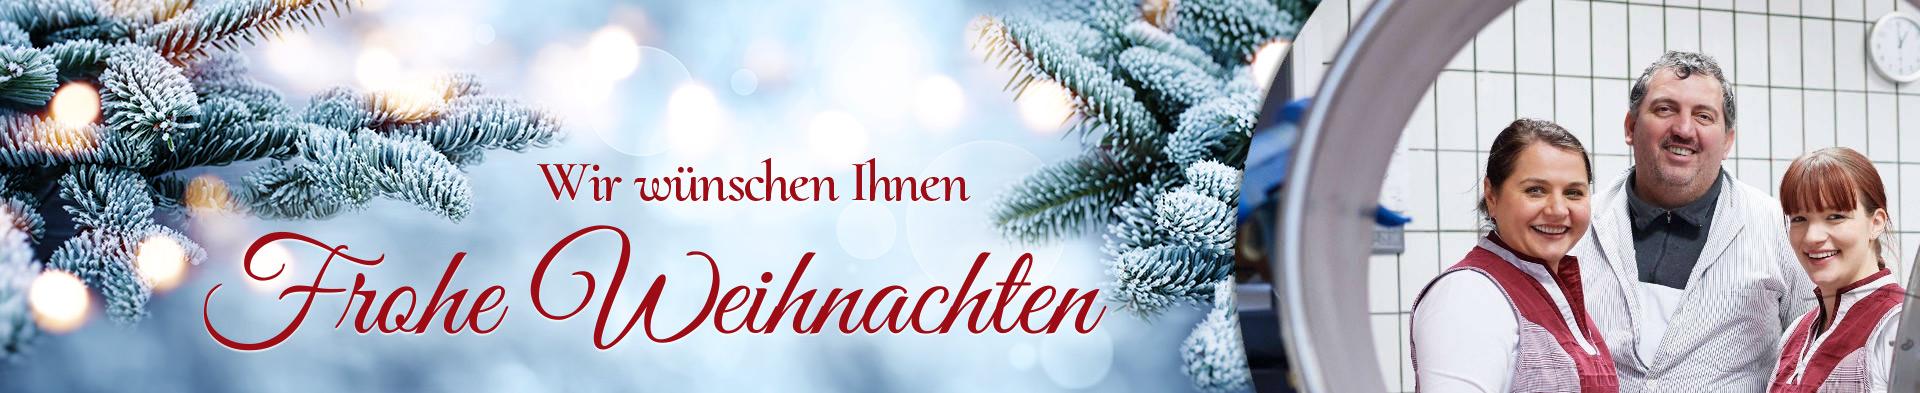 Weihnachten | Online Metzgerei